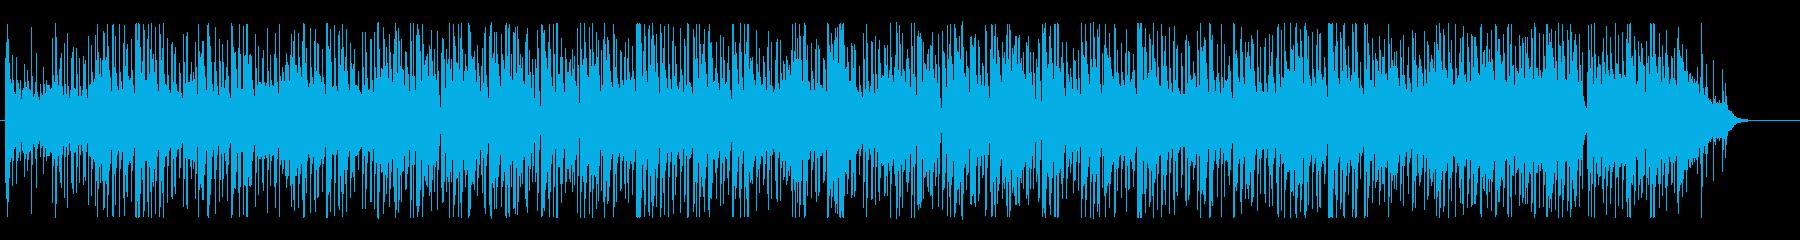 上品さのあるアップテンポ@ピアノポップの再生済みの波形